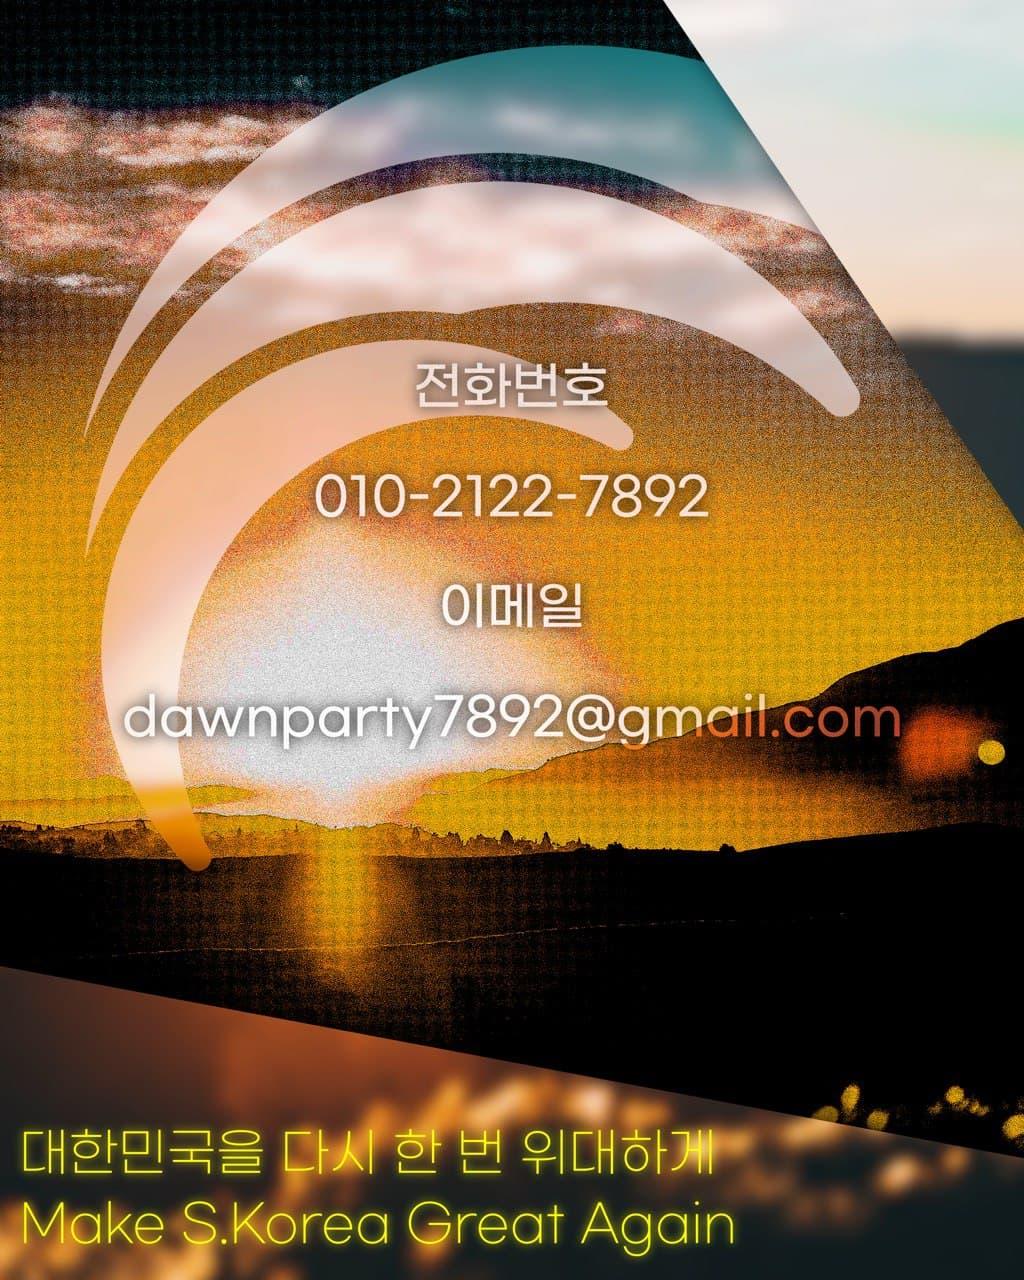 ba483f68424d1319b2d0da6b93b3bec7_1613367081_4999.jpg